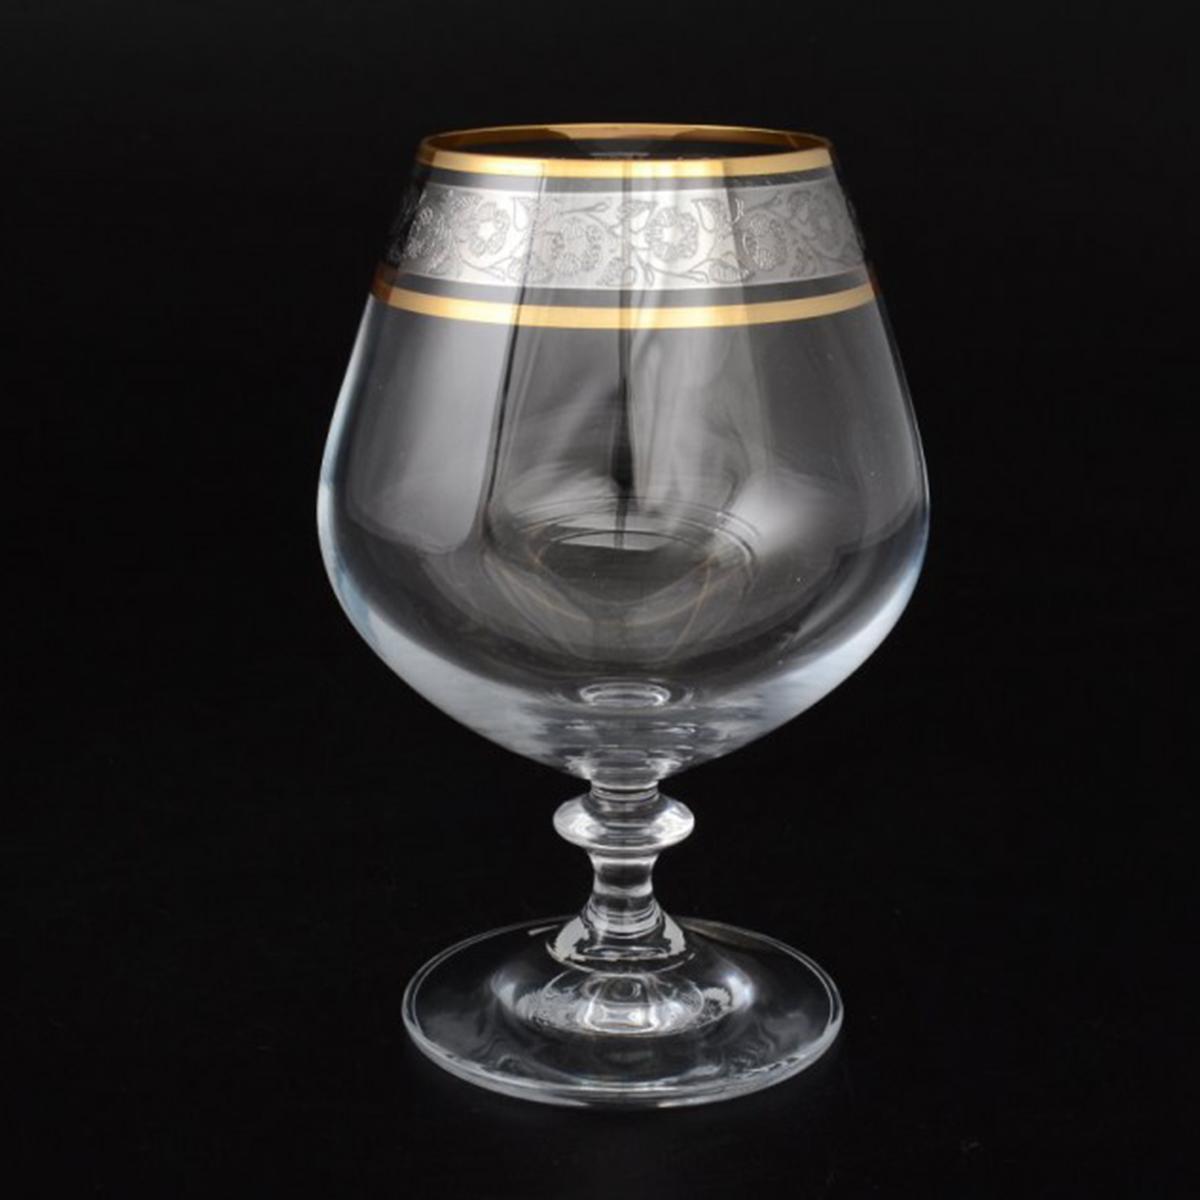 """Бокалы для бренди Bohemia Crystal коллекции """"Анжела"""" порадуют не только вас, но и ваших гостей. Они обладают привлекательным внешним видом, а материалом их изготовления является высококачественное хрустальное стекло. Кроме того, красоту бокала подчеркивают грани на прозрачных стенках, а также элегантная форма ножки. Бокал украшен красивой золотистой окантовкой.Объем составляет 400 мл. Количество в упаковке 6 шт."""